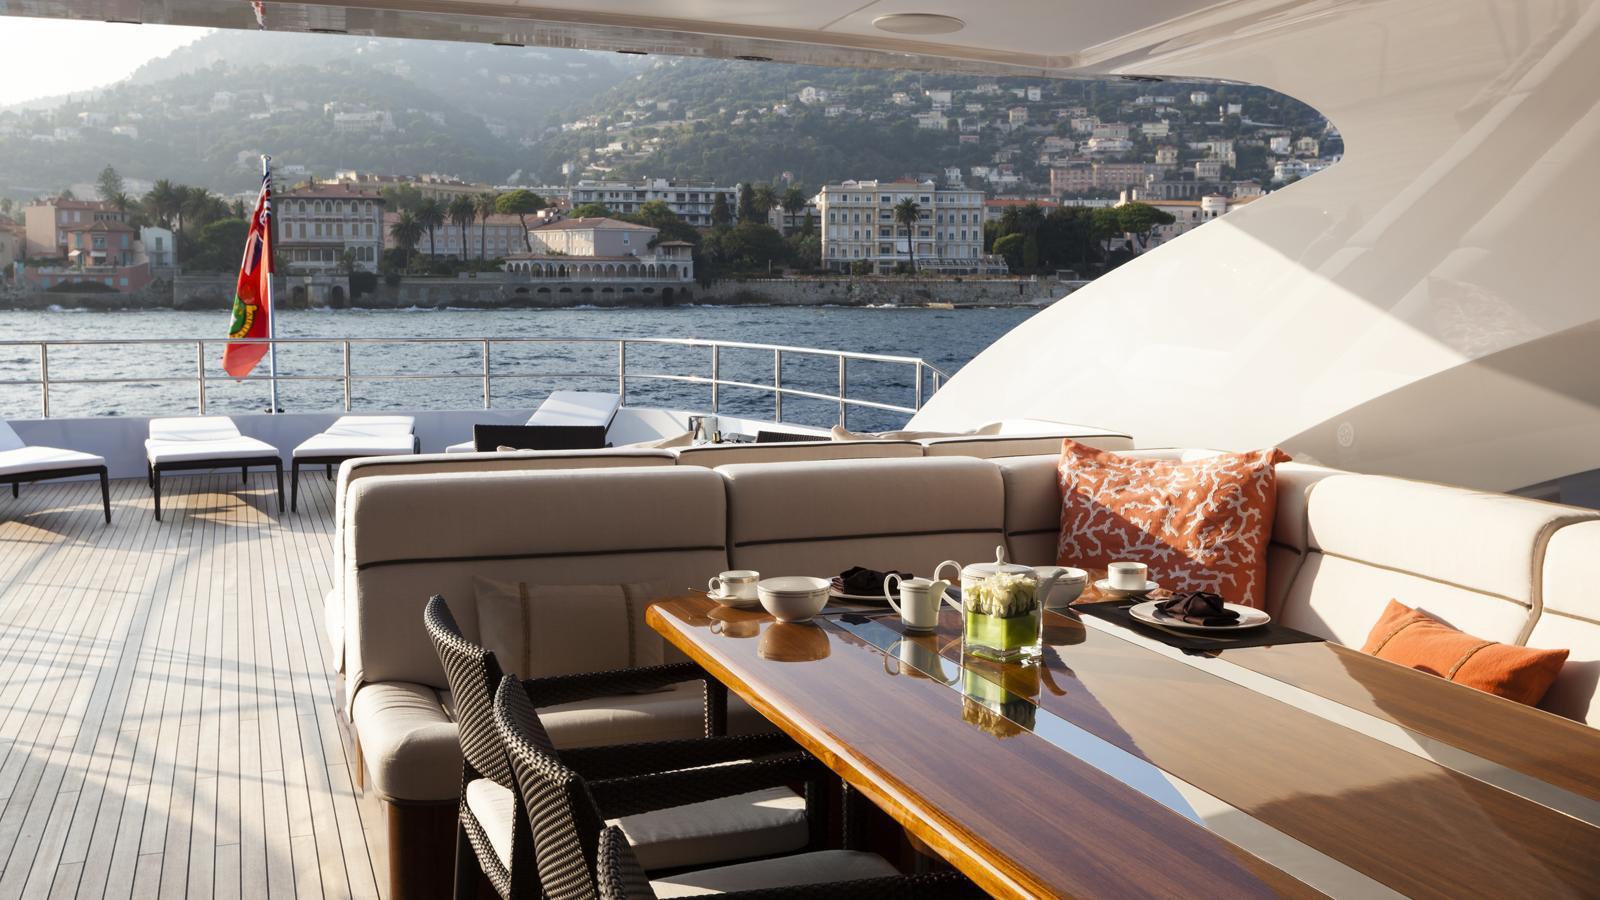 taurica-motor-yacht-heesen-2014-40m-sun-deck